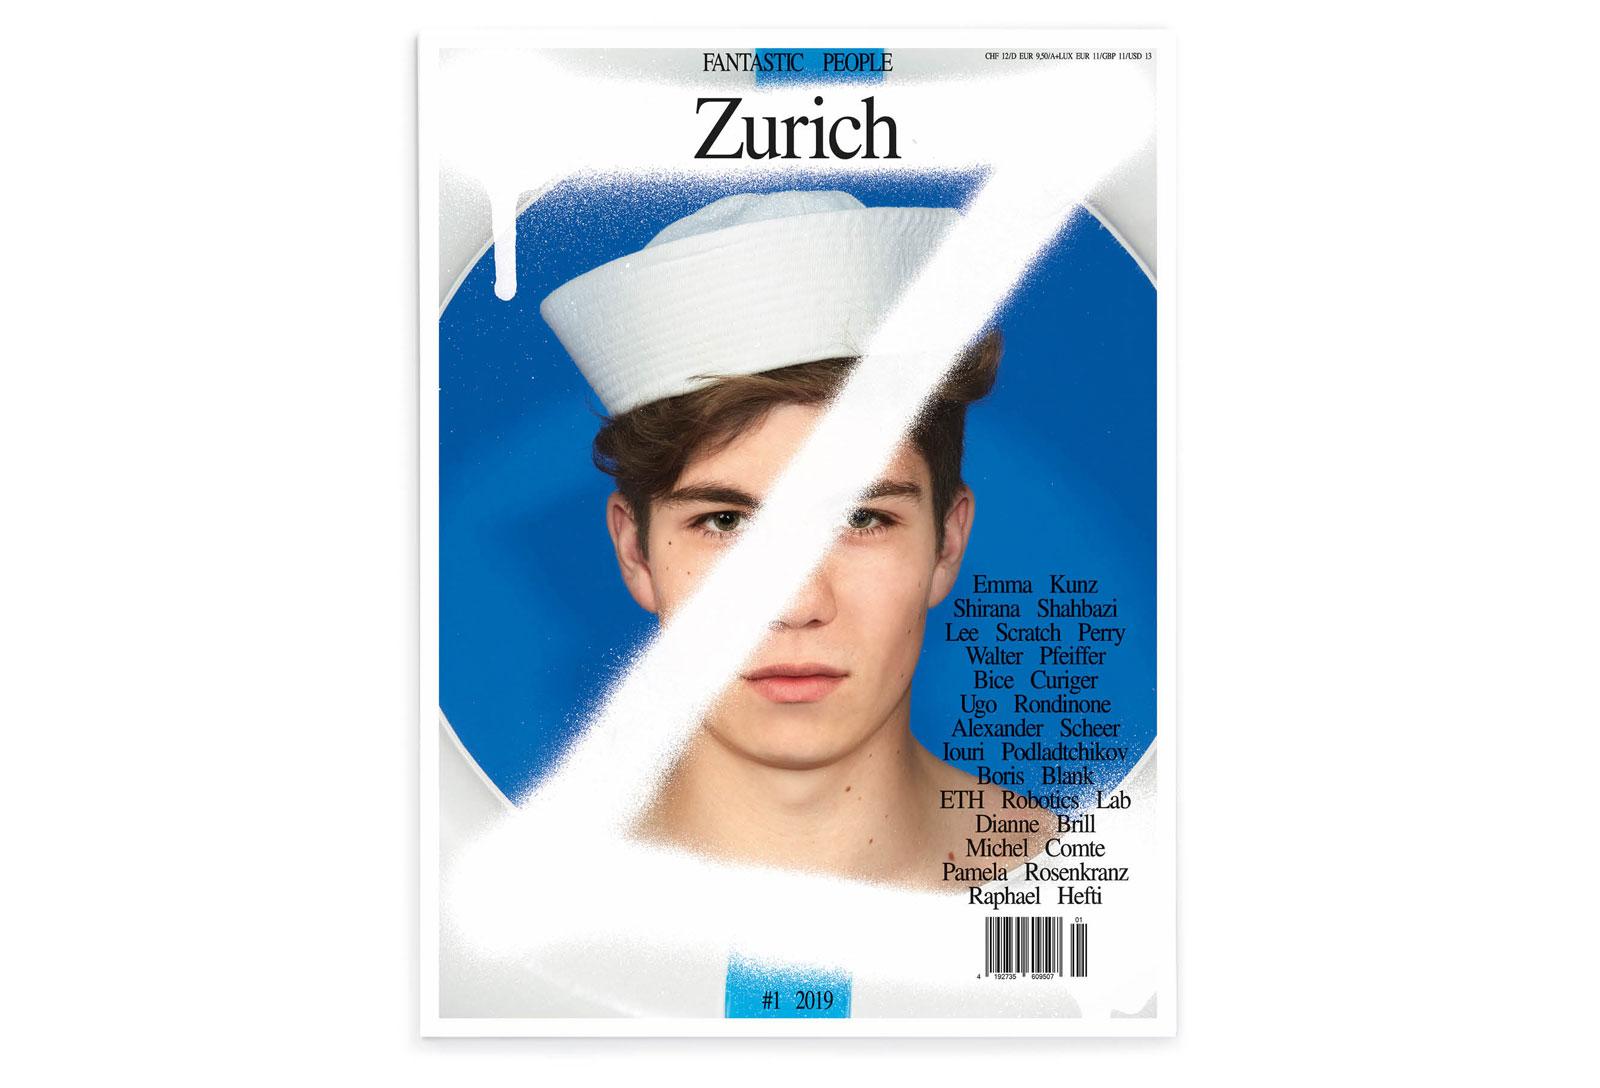 Zurich Magazine